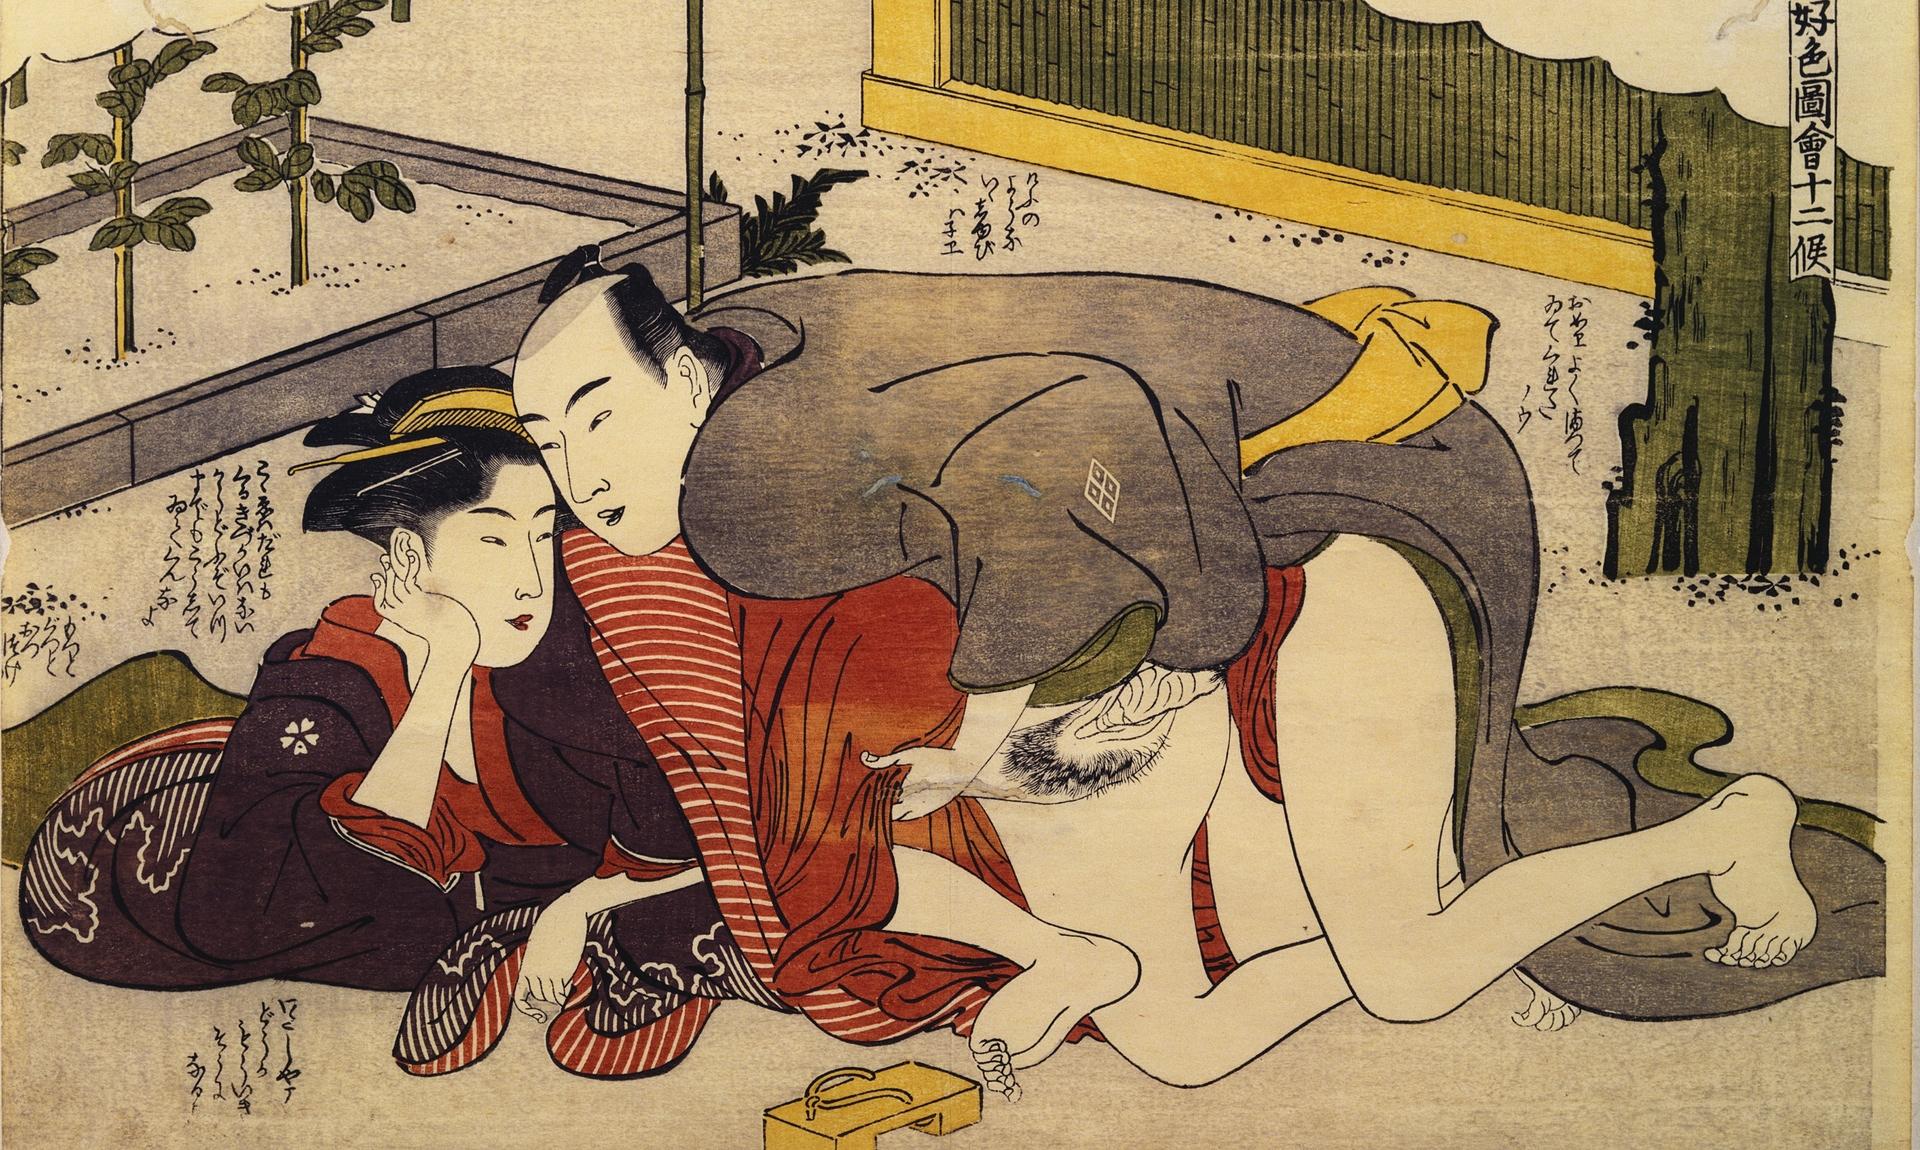 Культура секса в искусстве